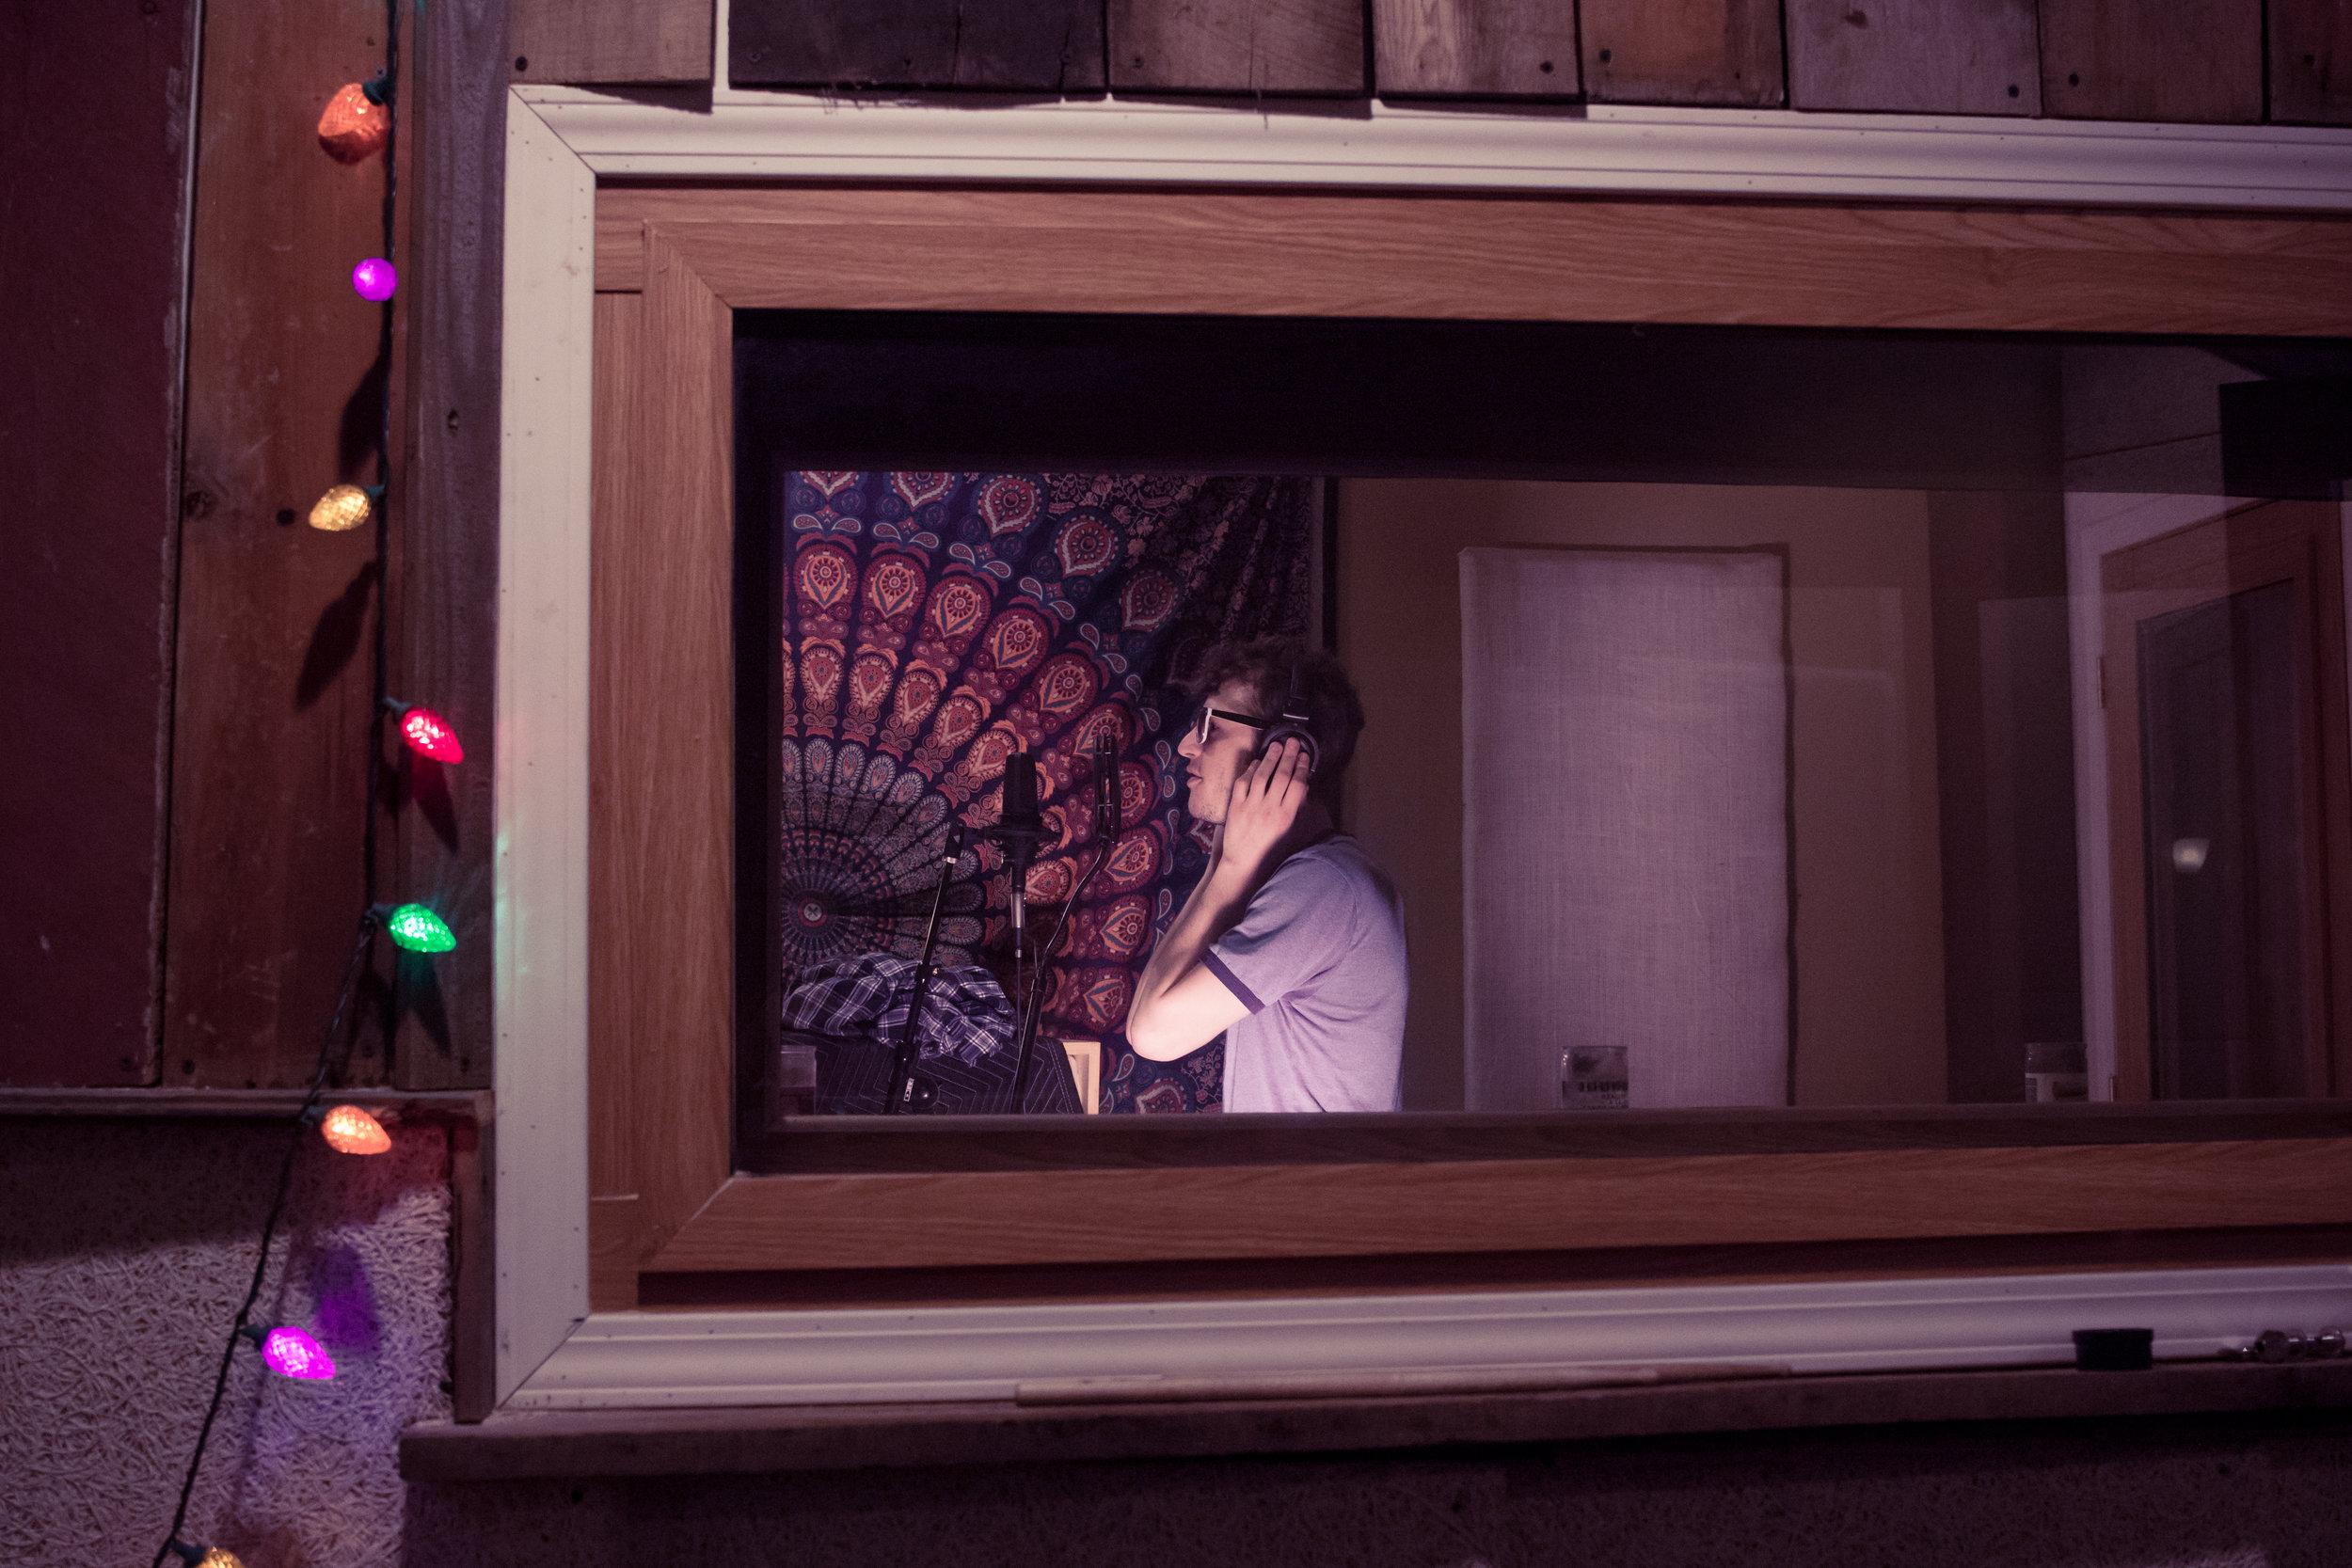 Tony tracking Vocals at Oranjudio